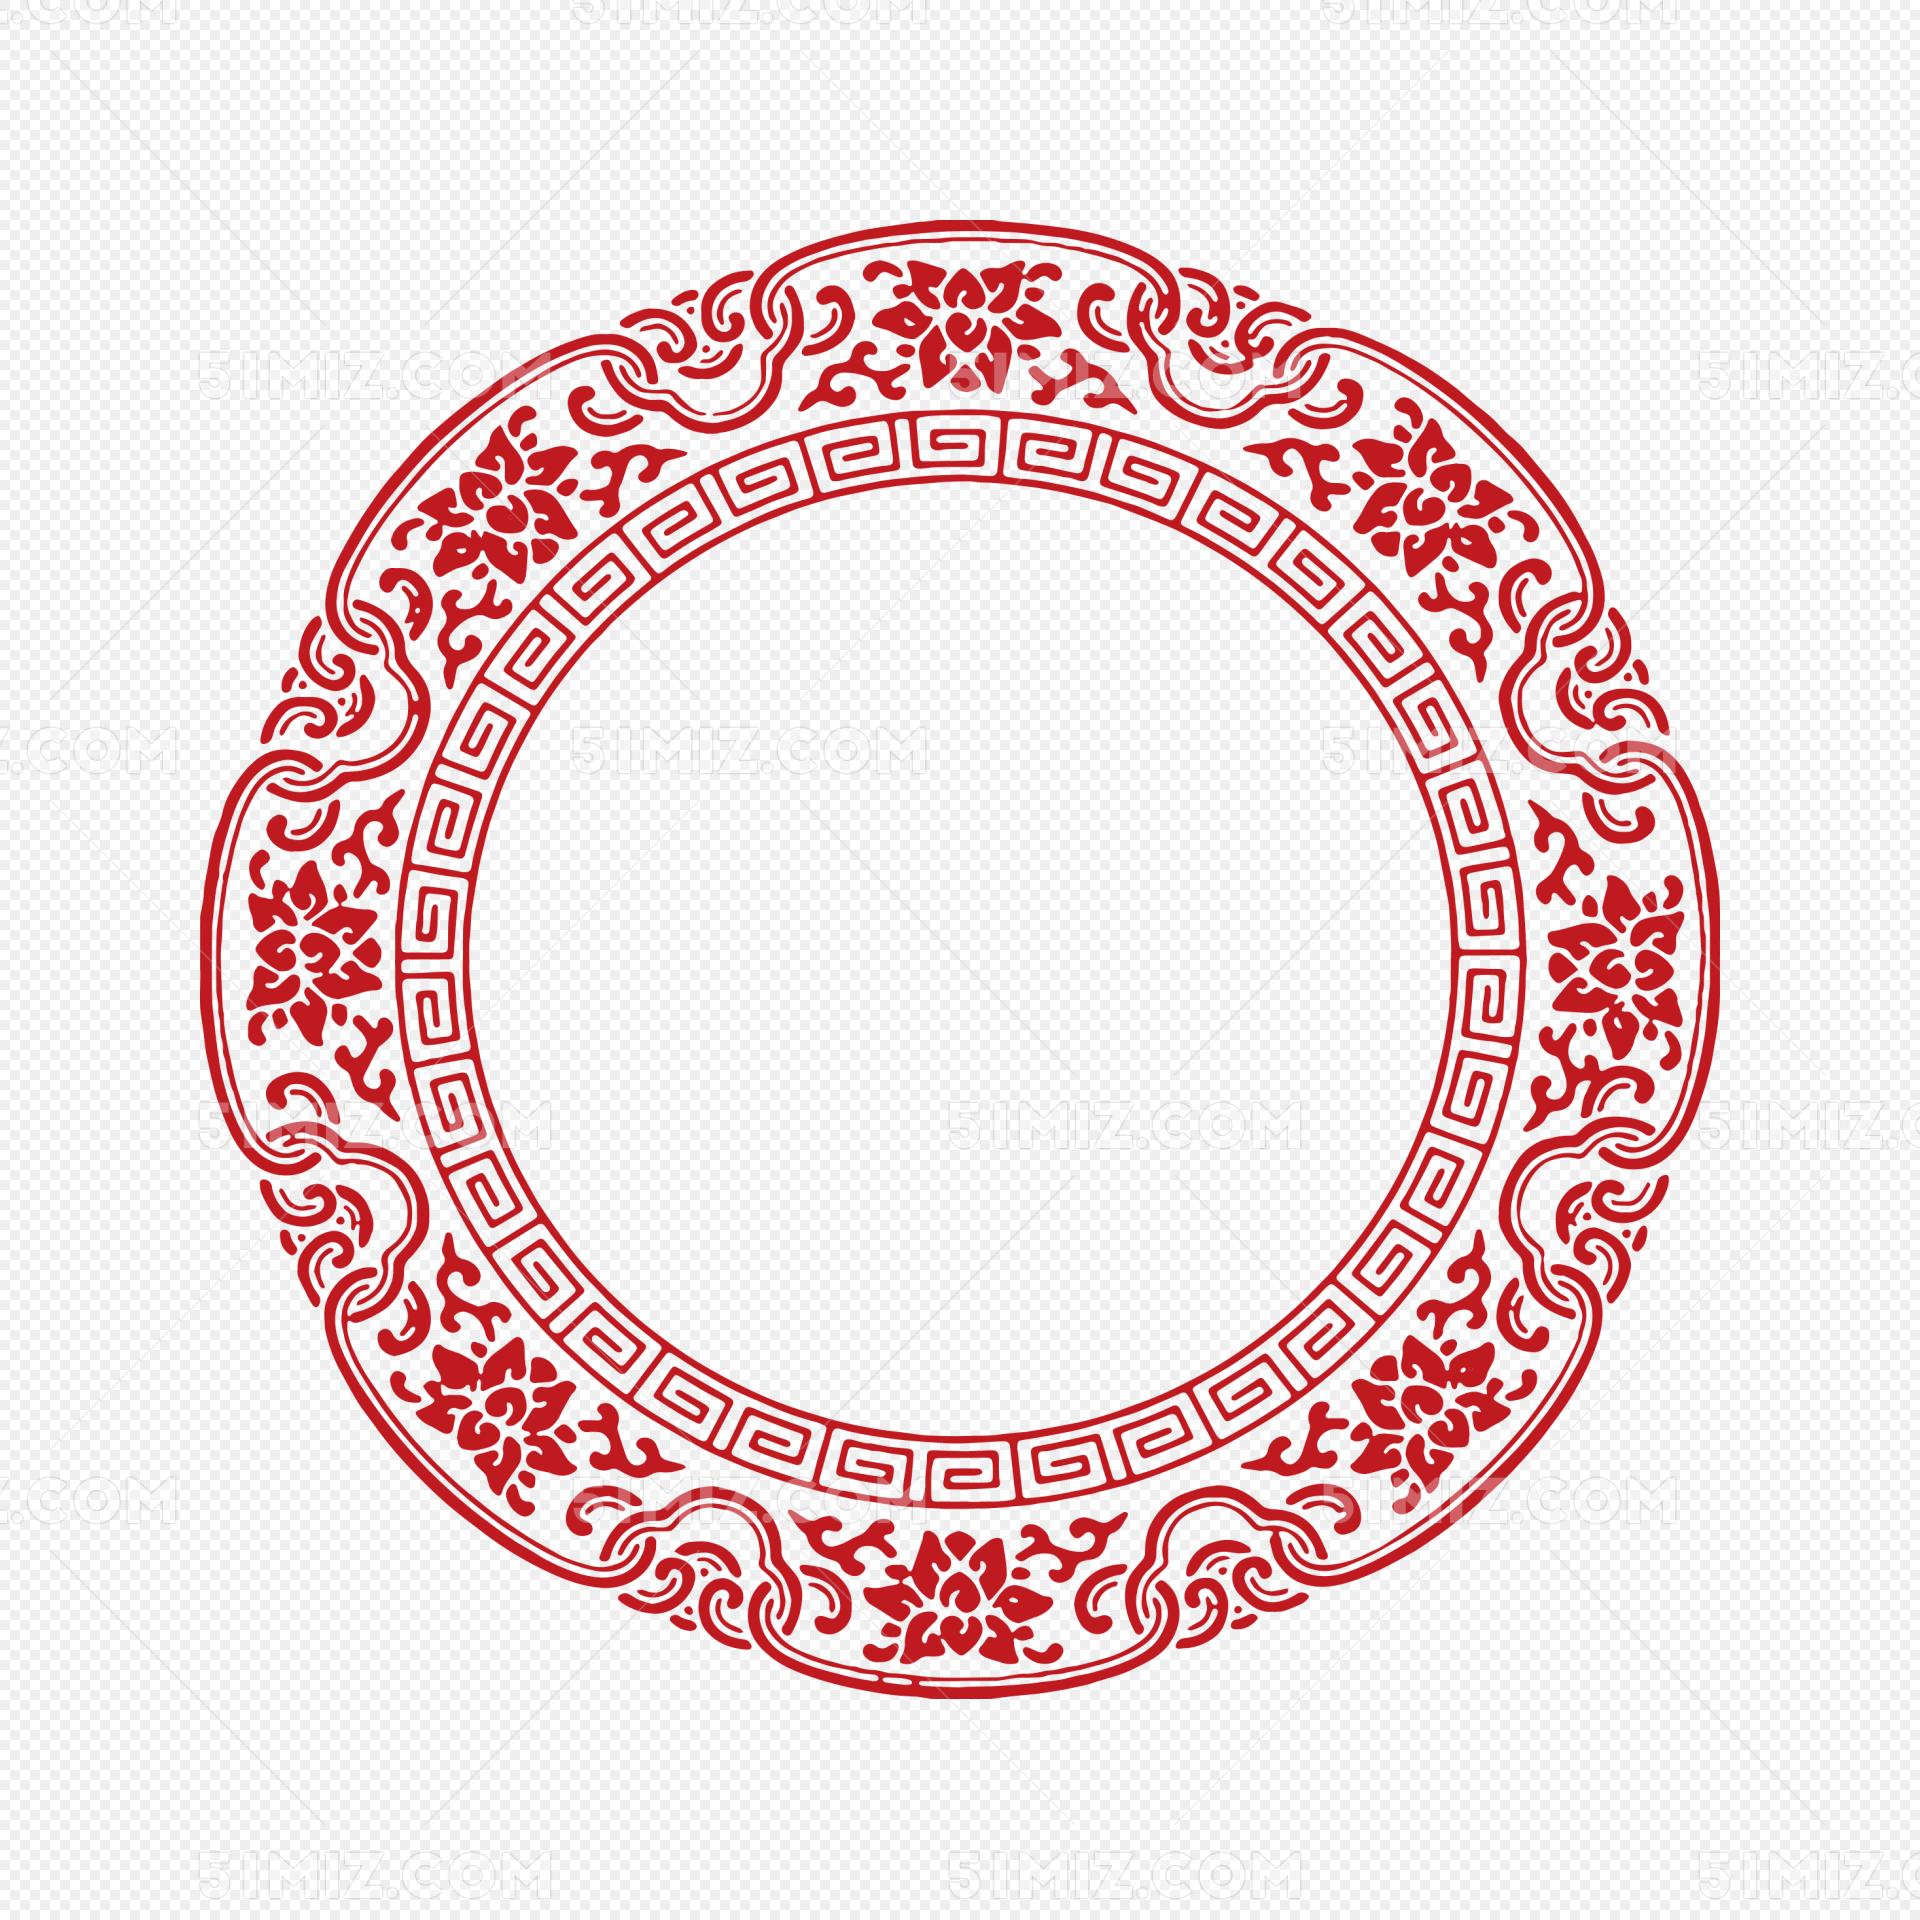 红色中国风花纹圆圈